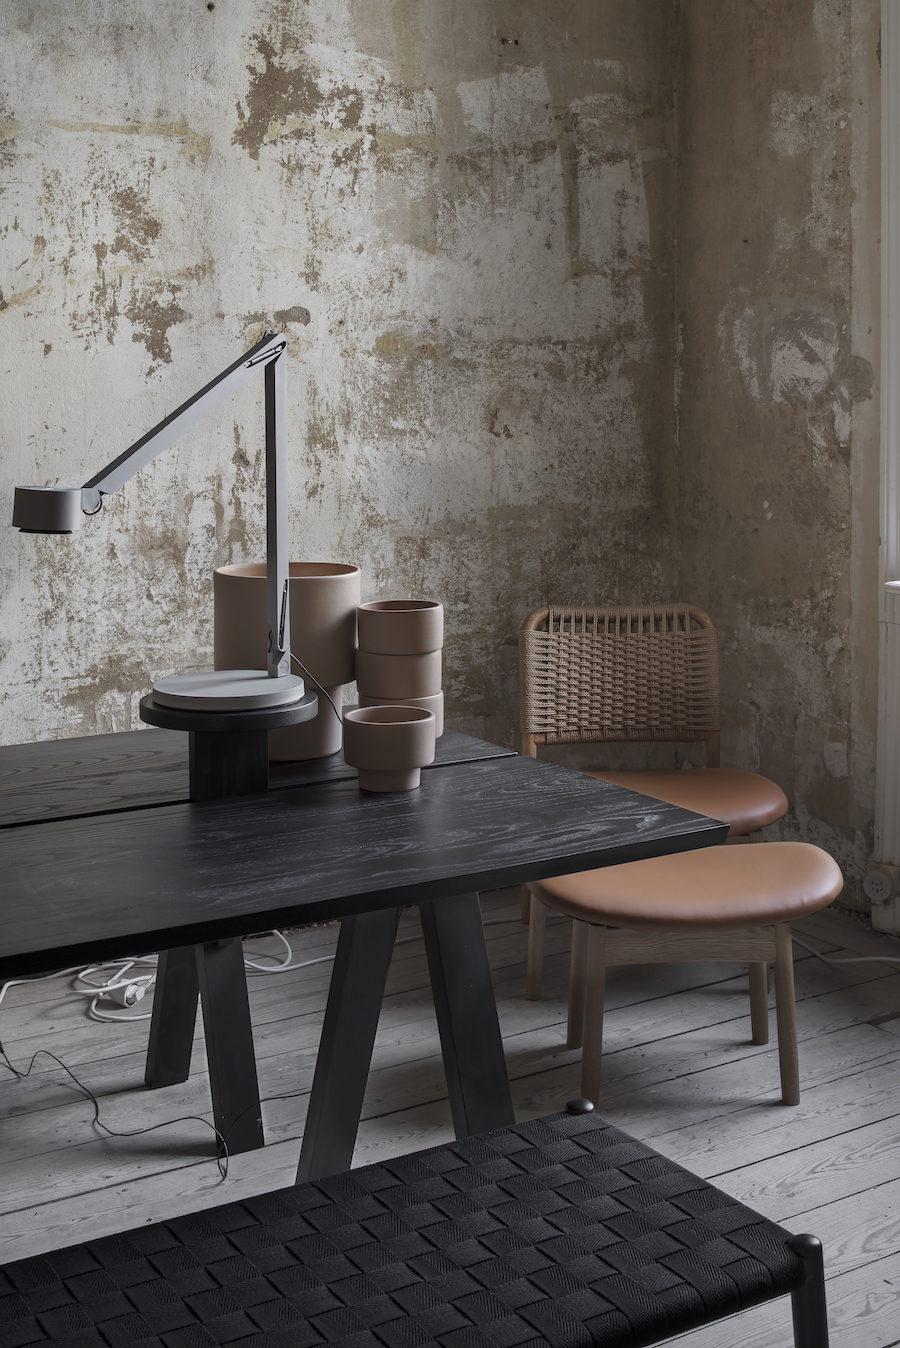 Bild på bord och bänk av Gabriel Tan tillsammans med stol av Anderssen & Voll på Residences utställning A quiet reflection.